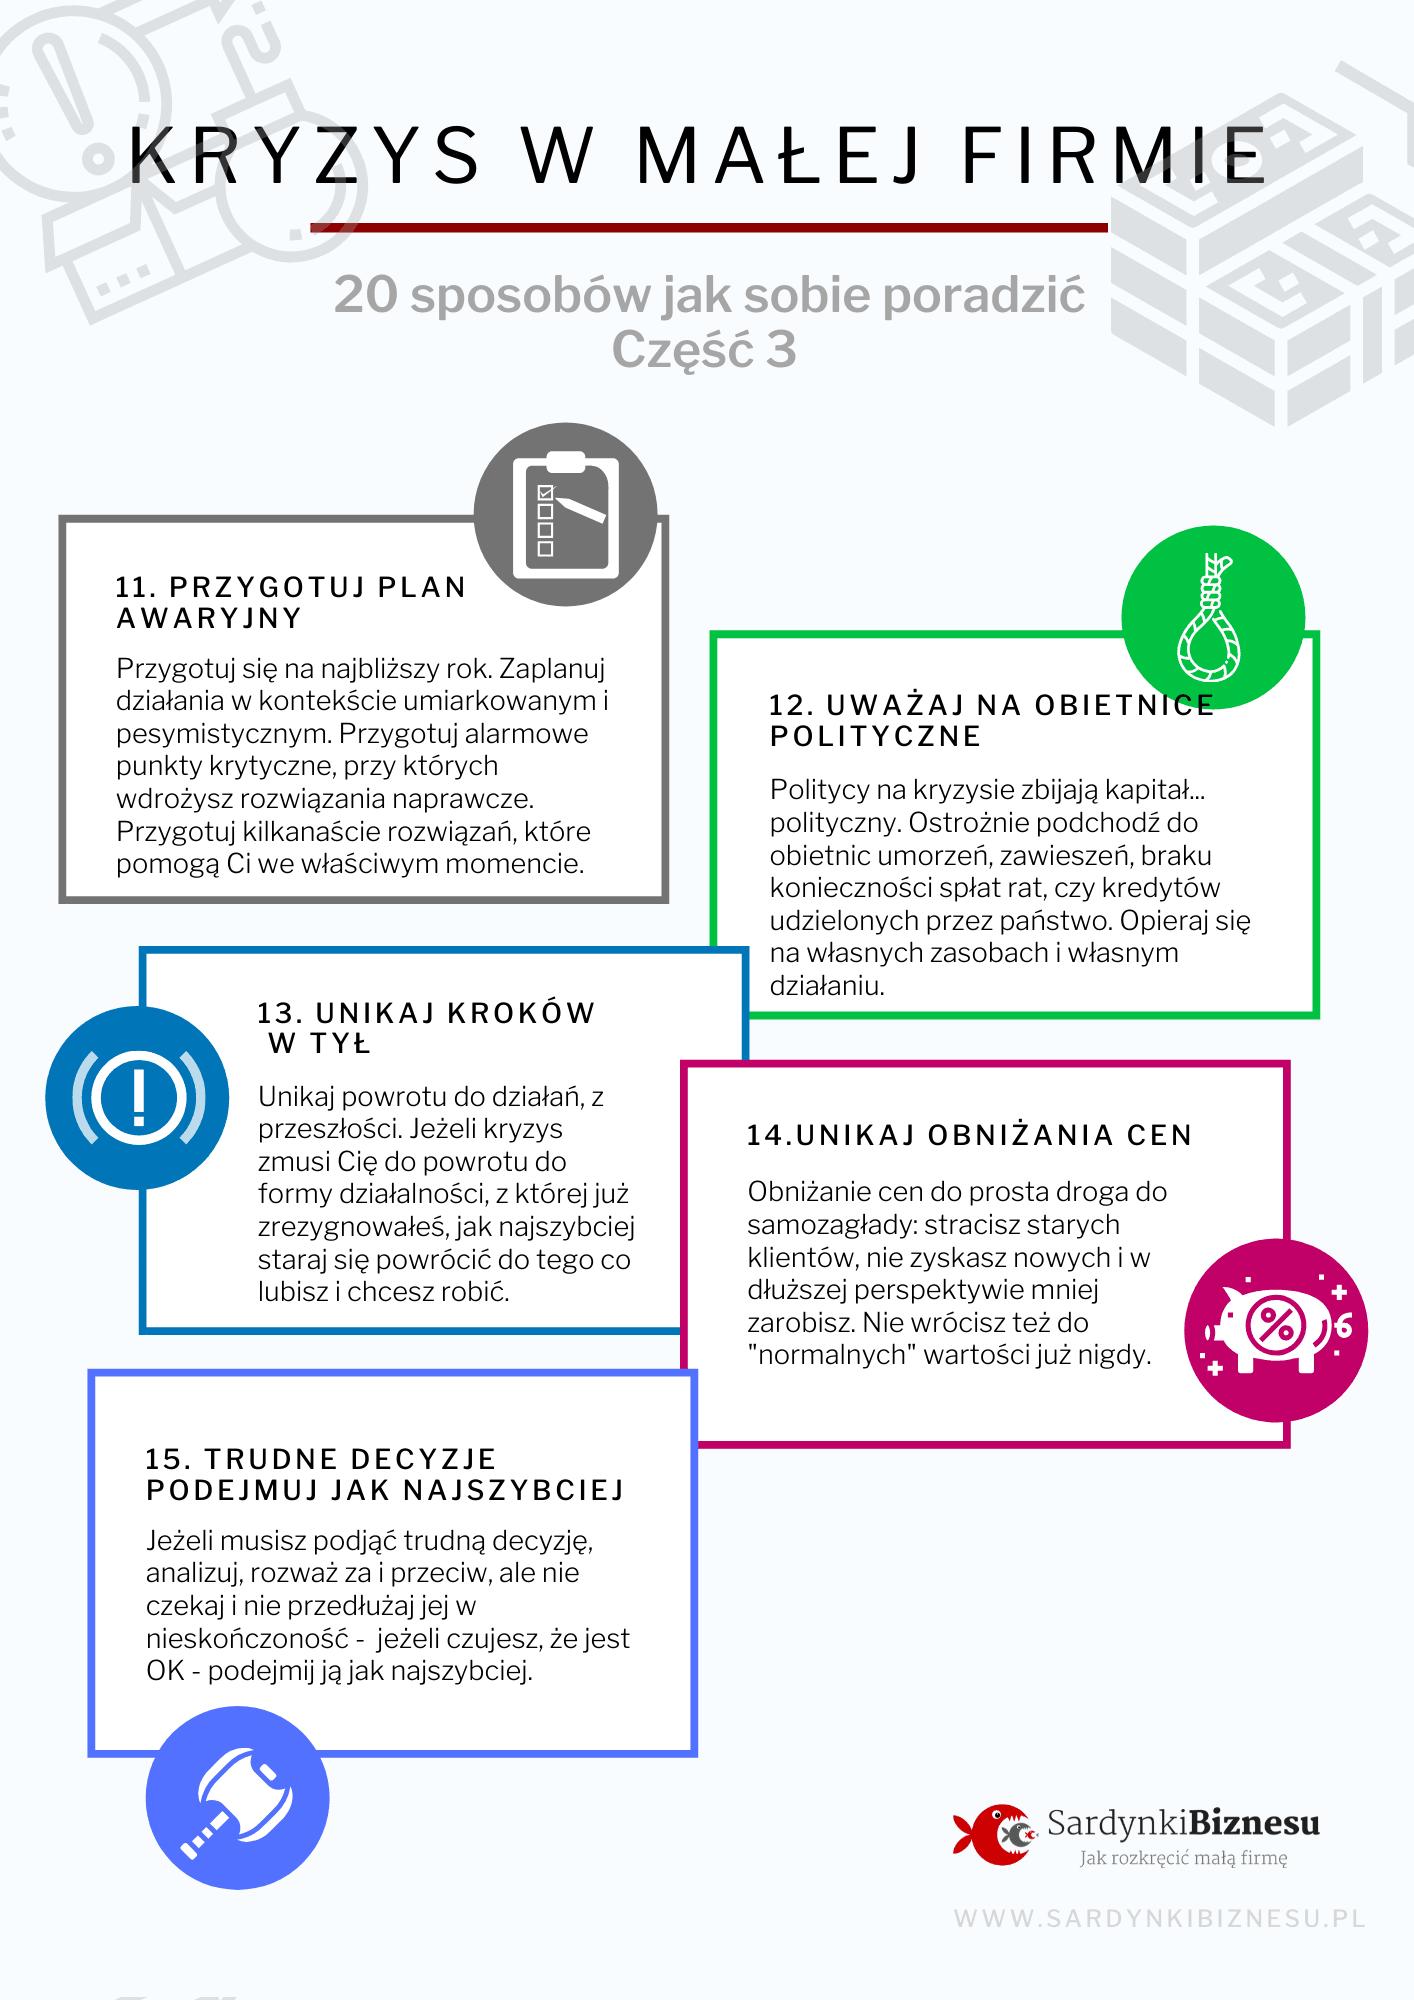 3 kryzys gospodarczy 2020 w firmie co zrobic